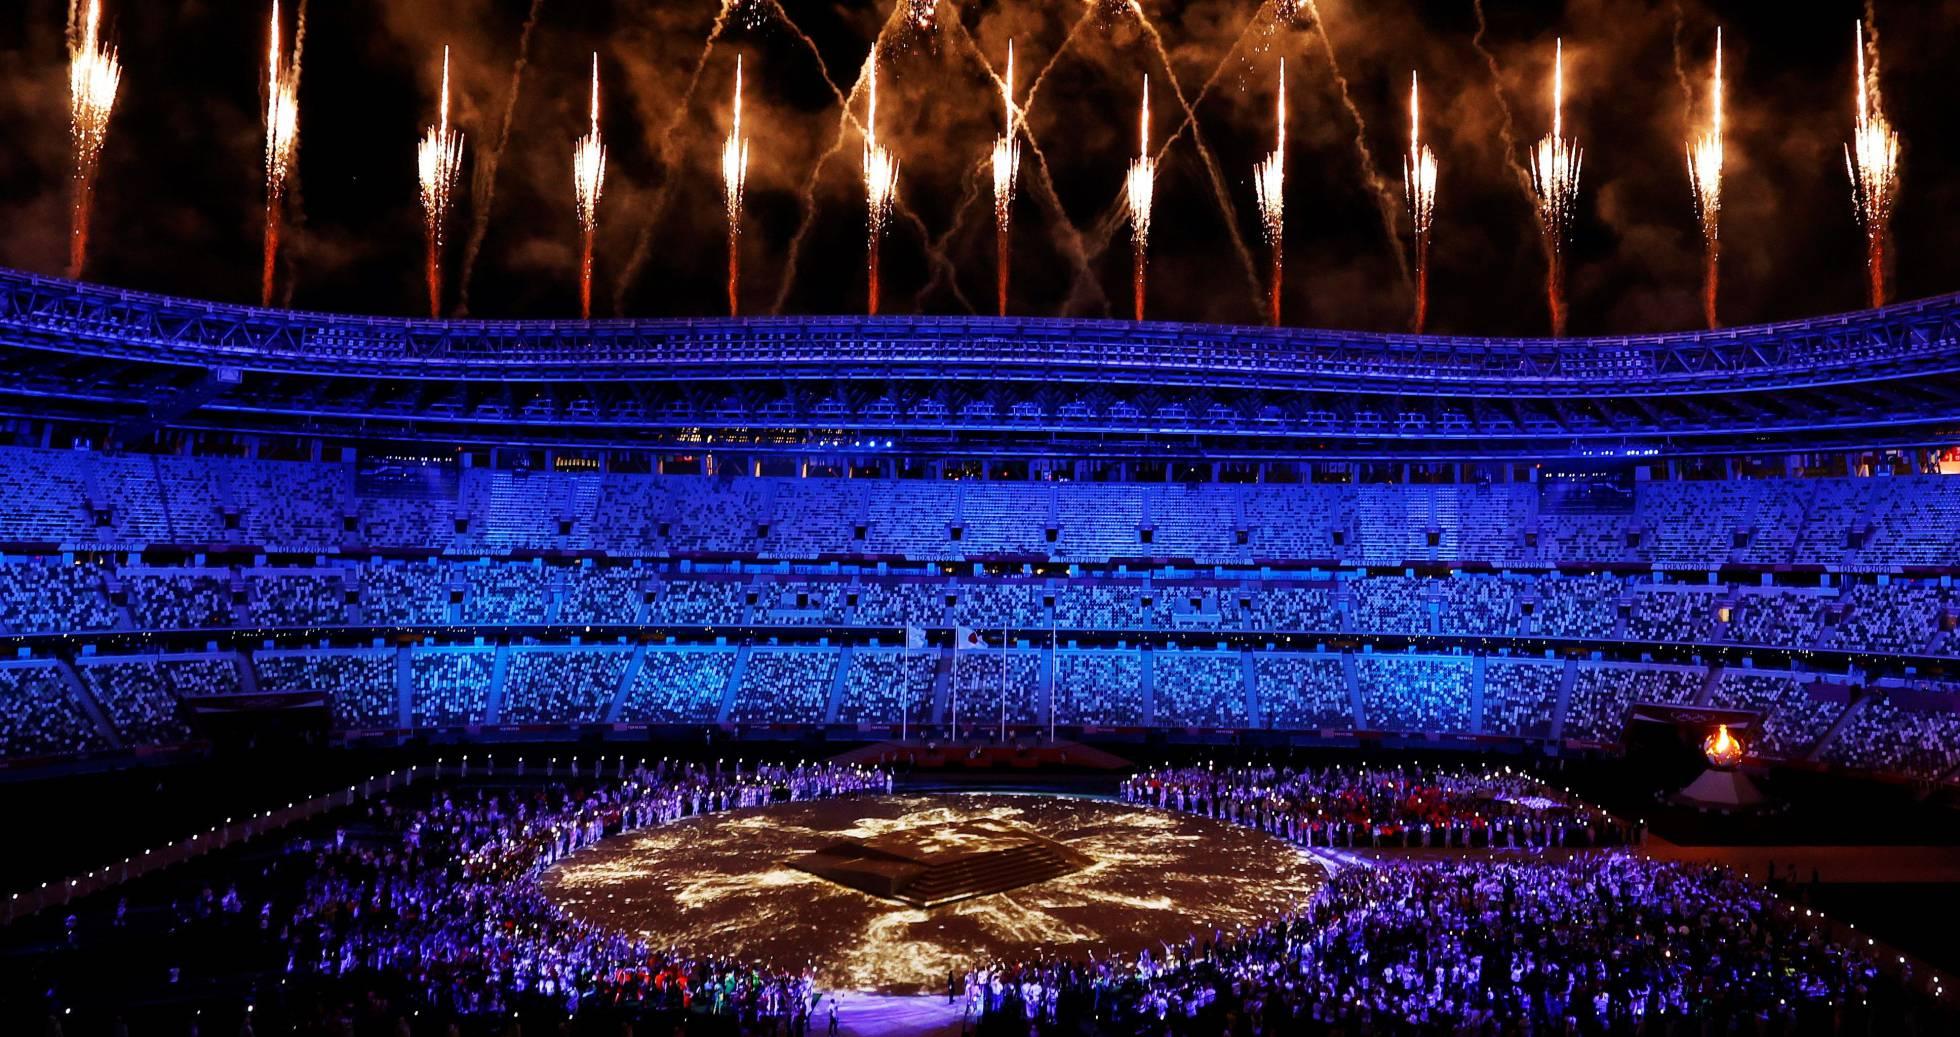 Fotos: Ceremonia de clausura de los Juegos Olímpicos de Tokio 2020, en  imágenes | Deportes | EL PAÍS